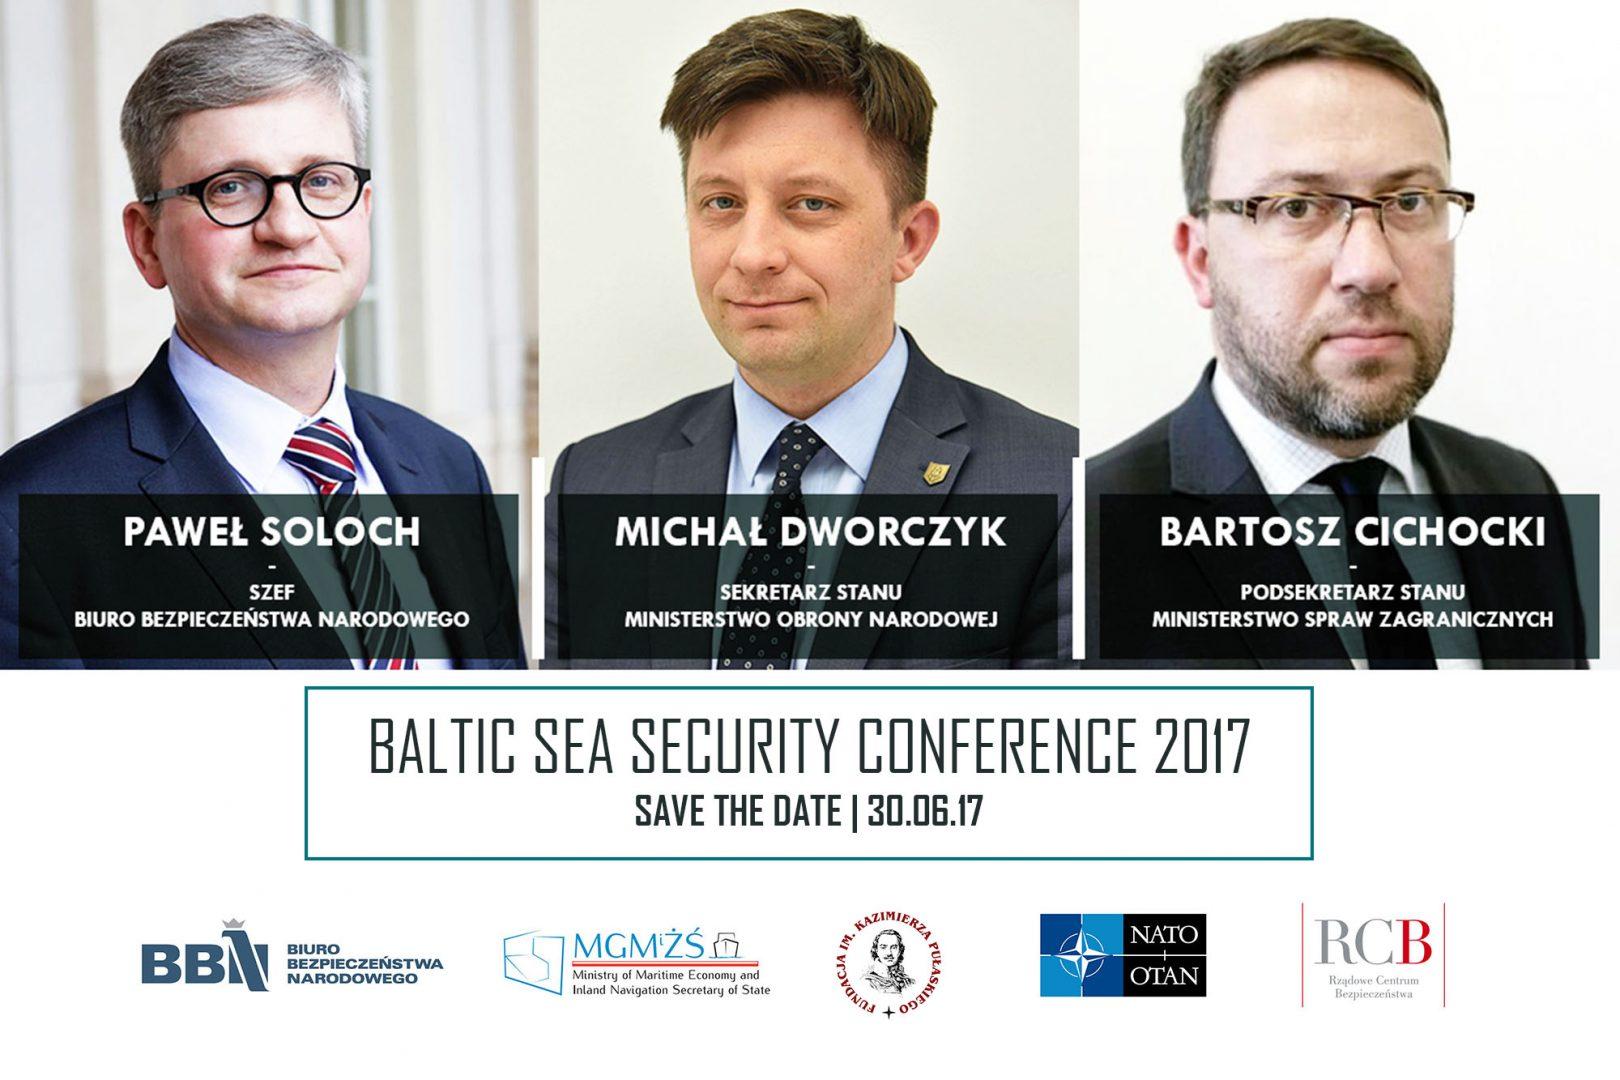 Ministrowie Paweł Soloch, Michał Dworczyk orazBartosz Cichocki otworzą Baltic Sea Security Conference 2017